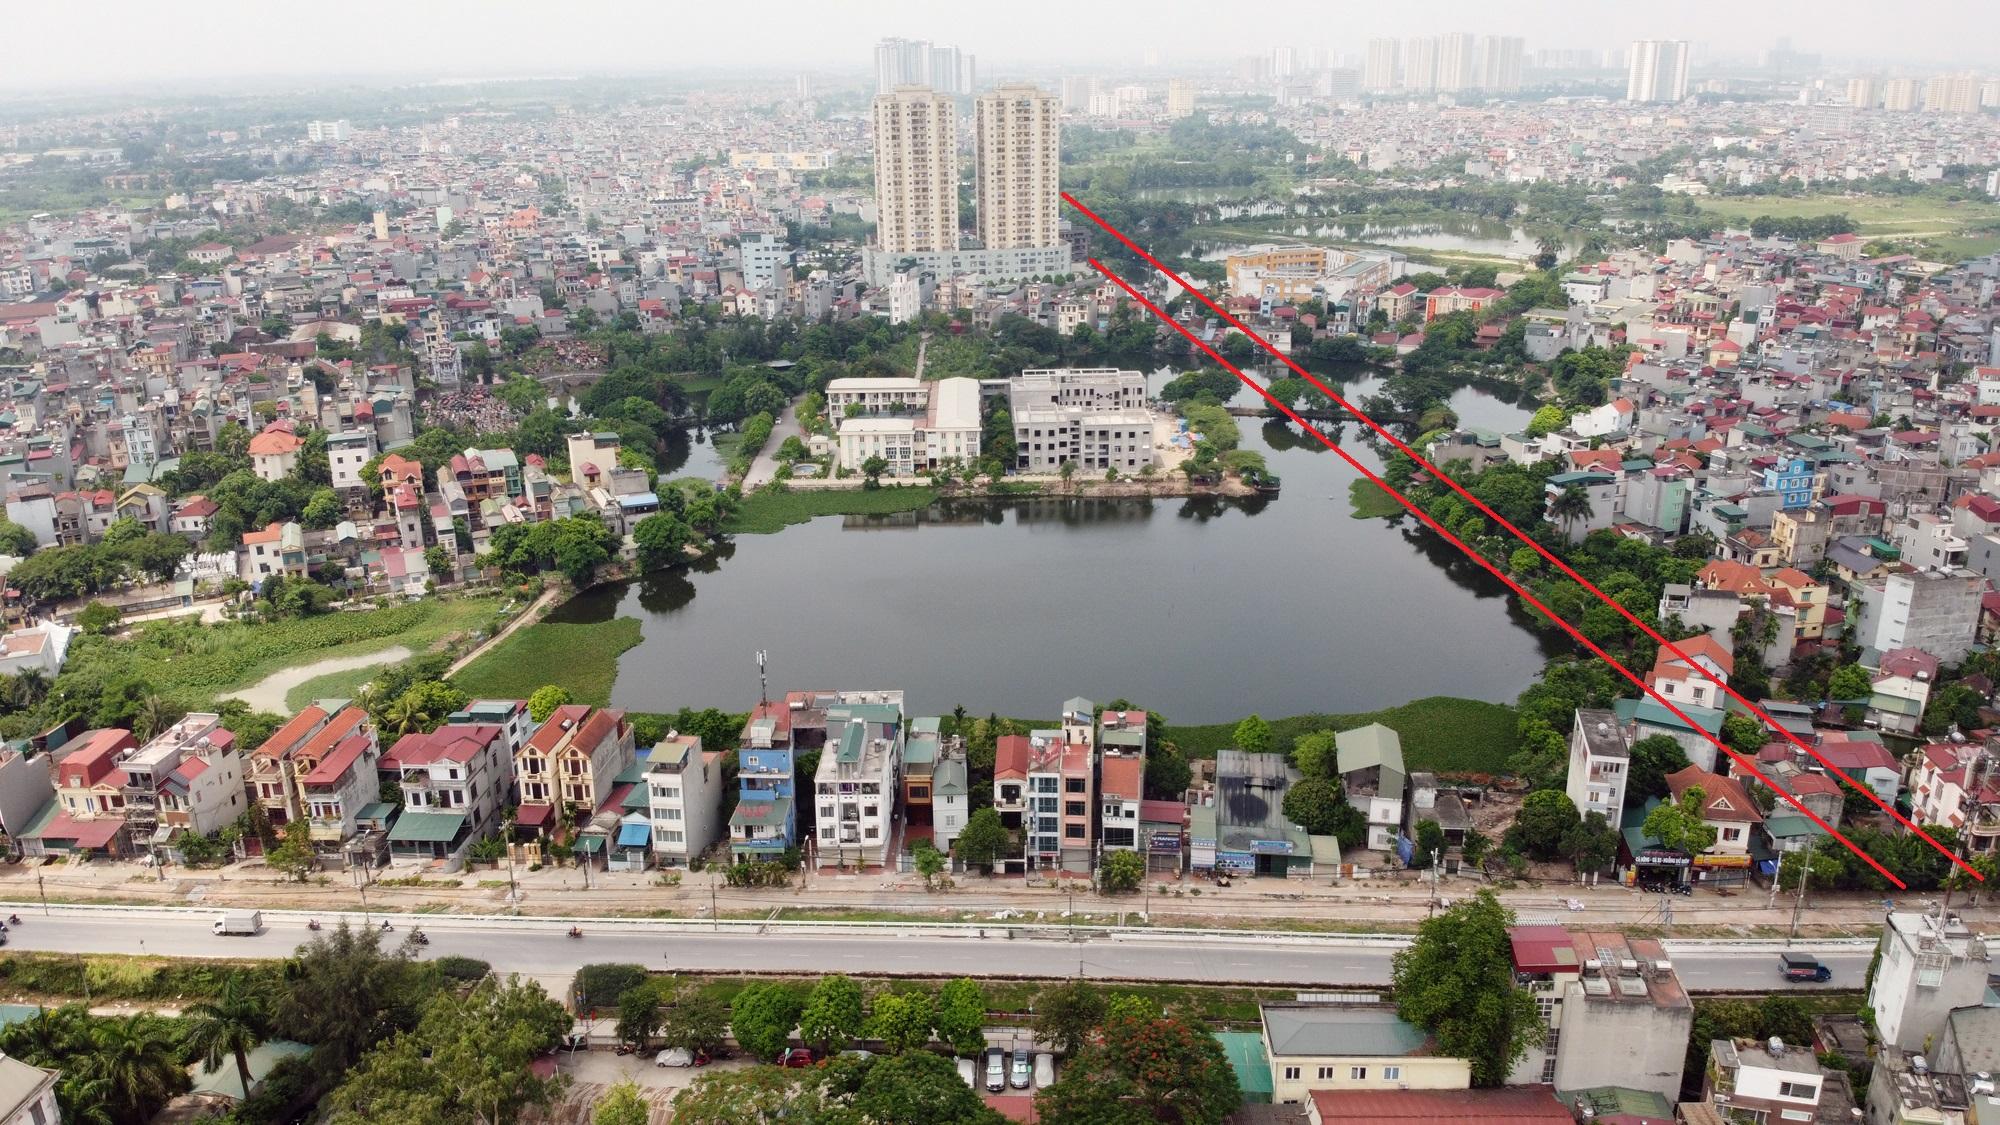 đường sẽ mở theo qui hoạch ở phường Thanh Trì, Hoàng Mai, Hà Nội - Ảnh 3.